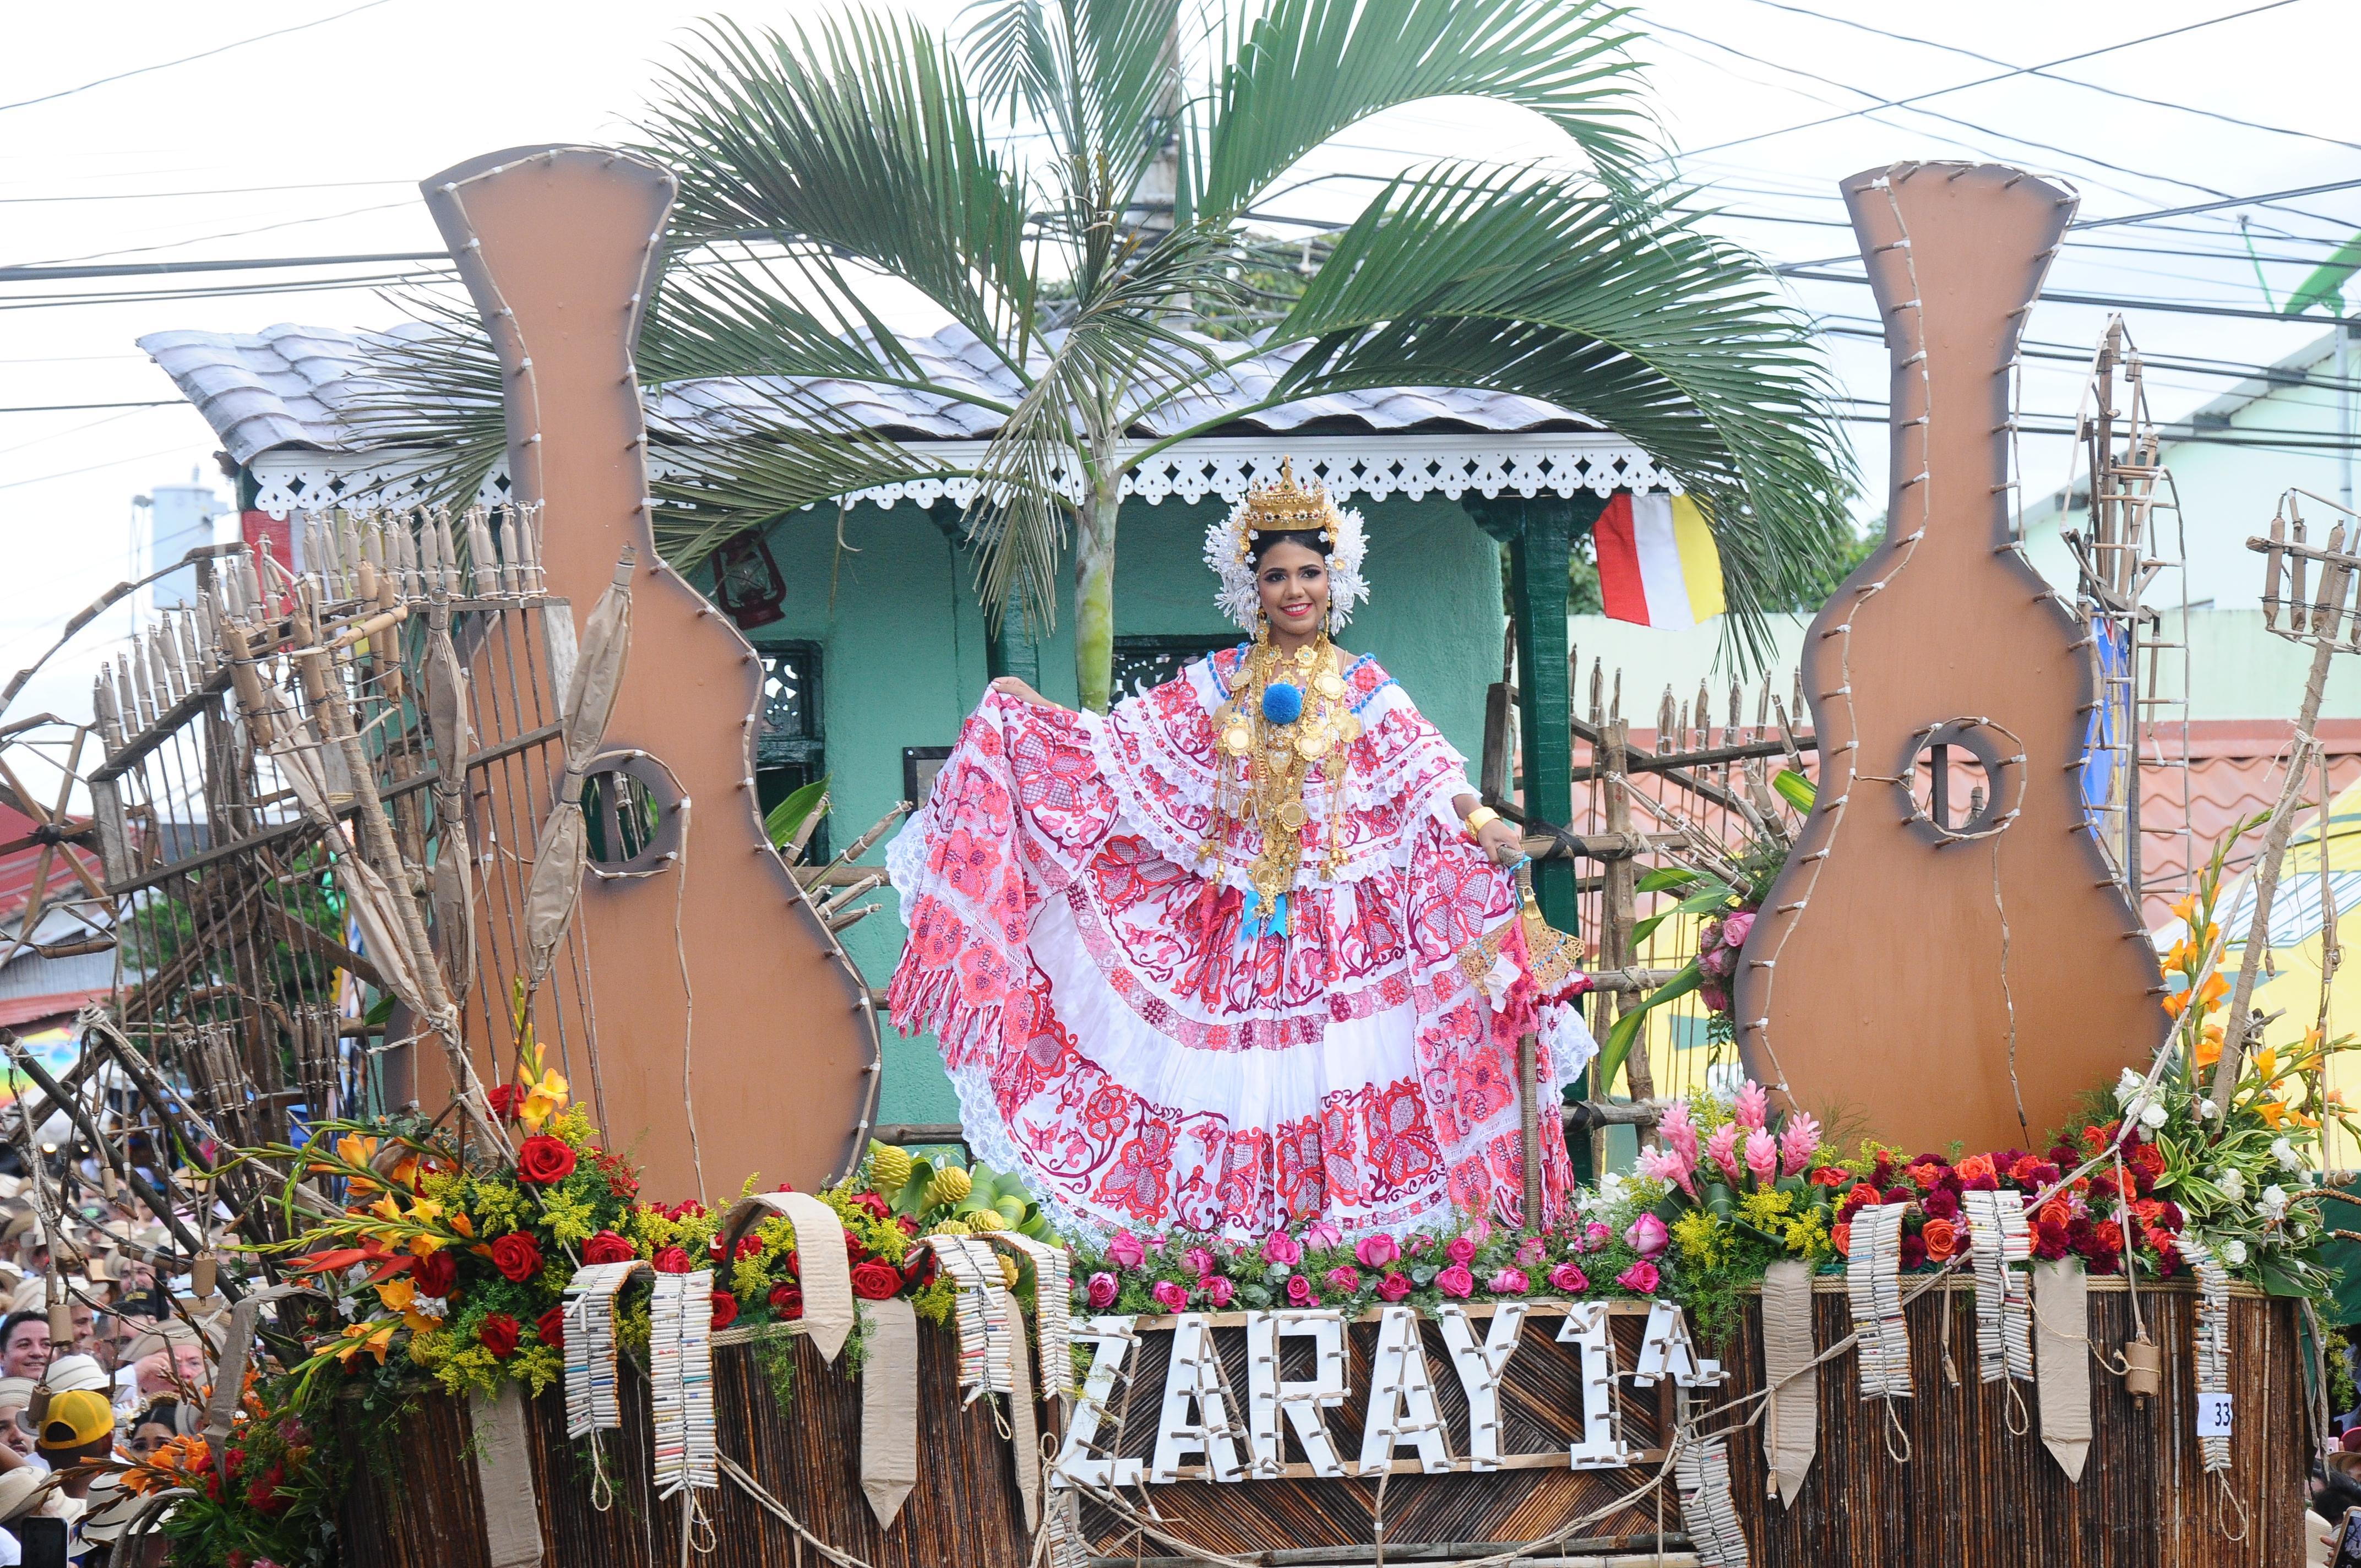 S.M. Zaray Dionela Córdoba L.